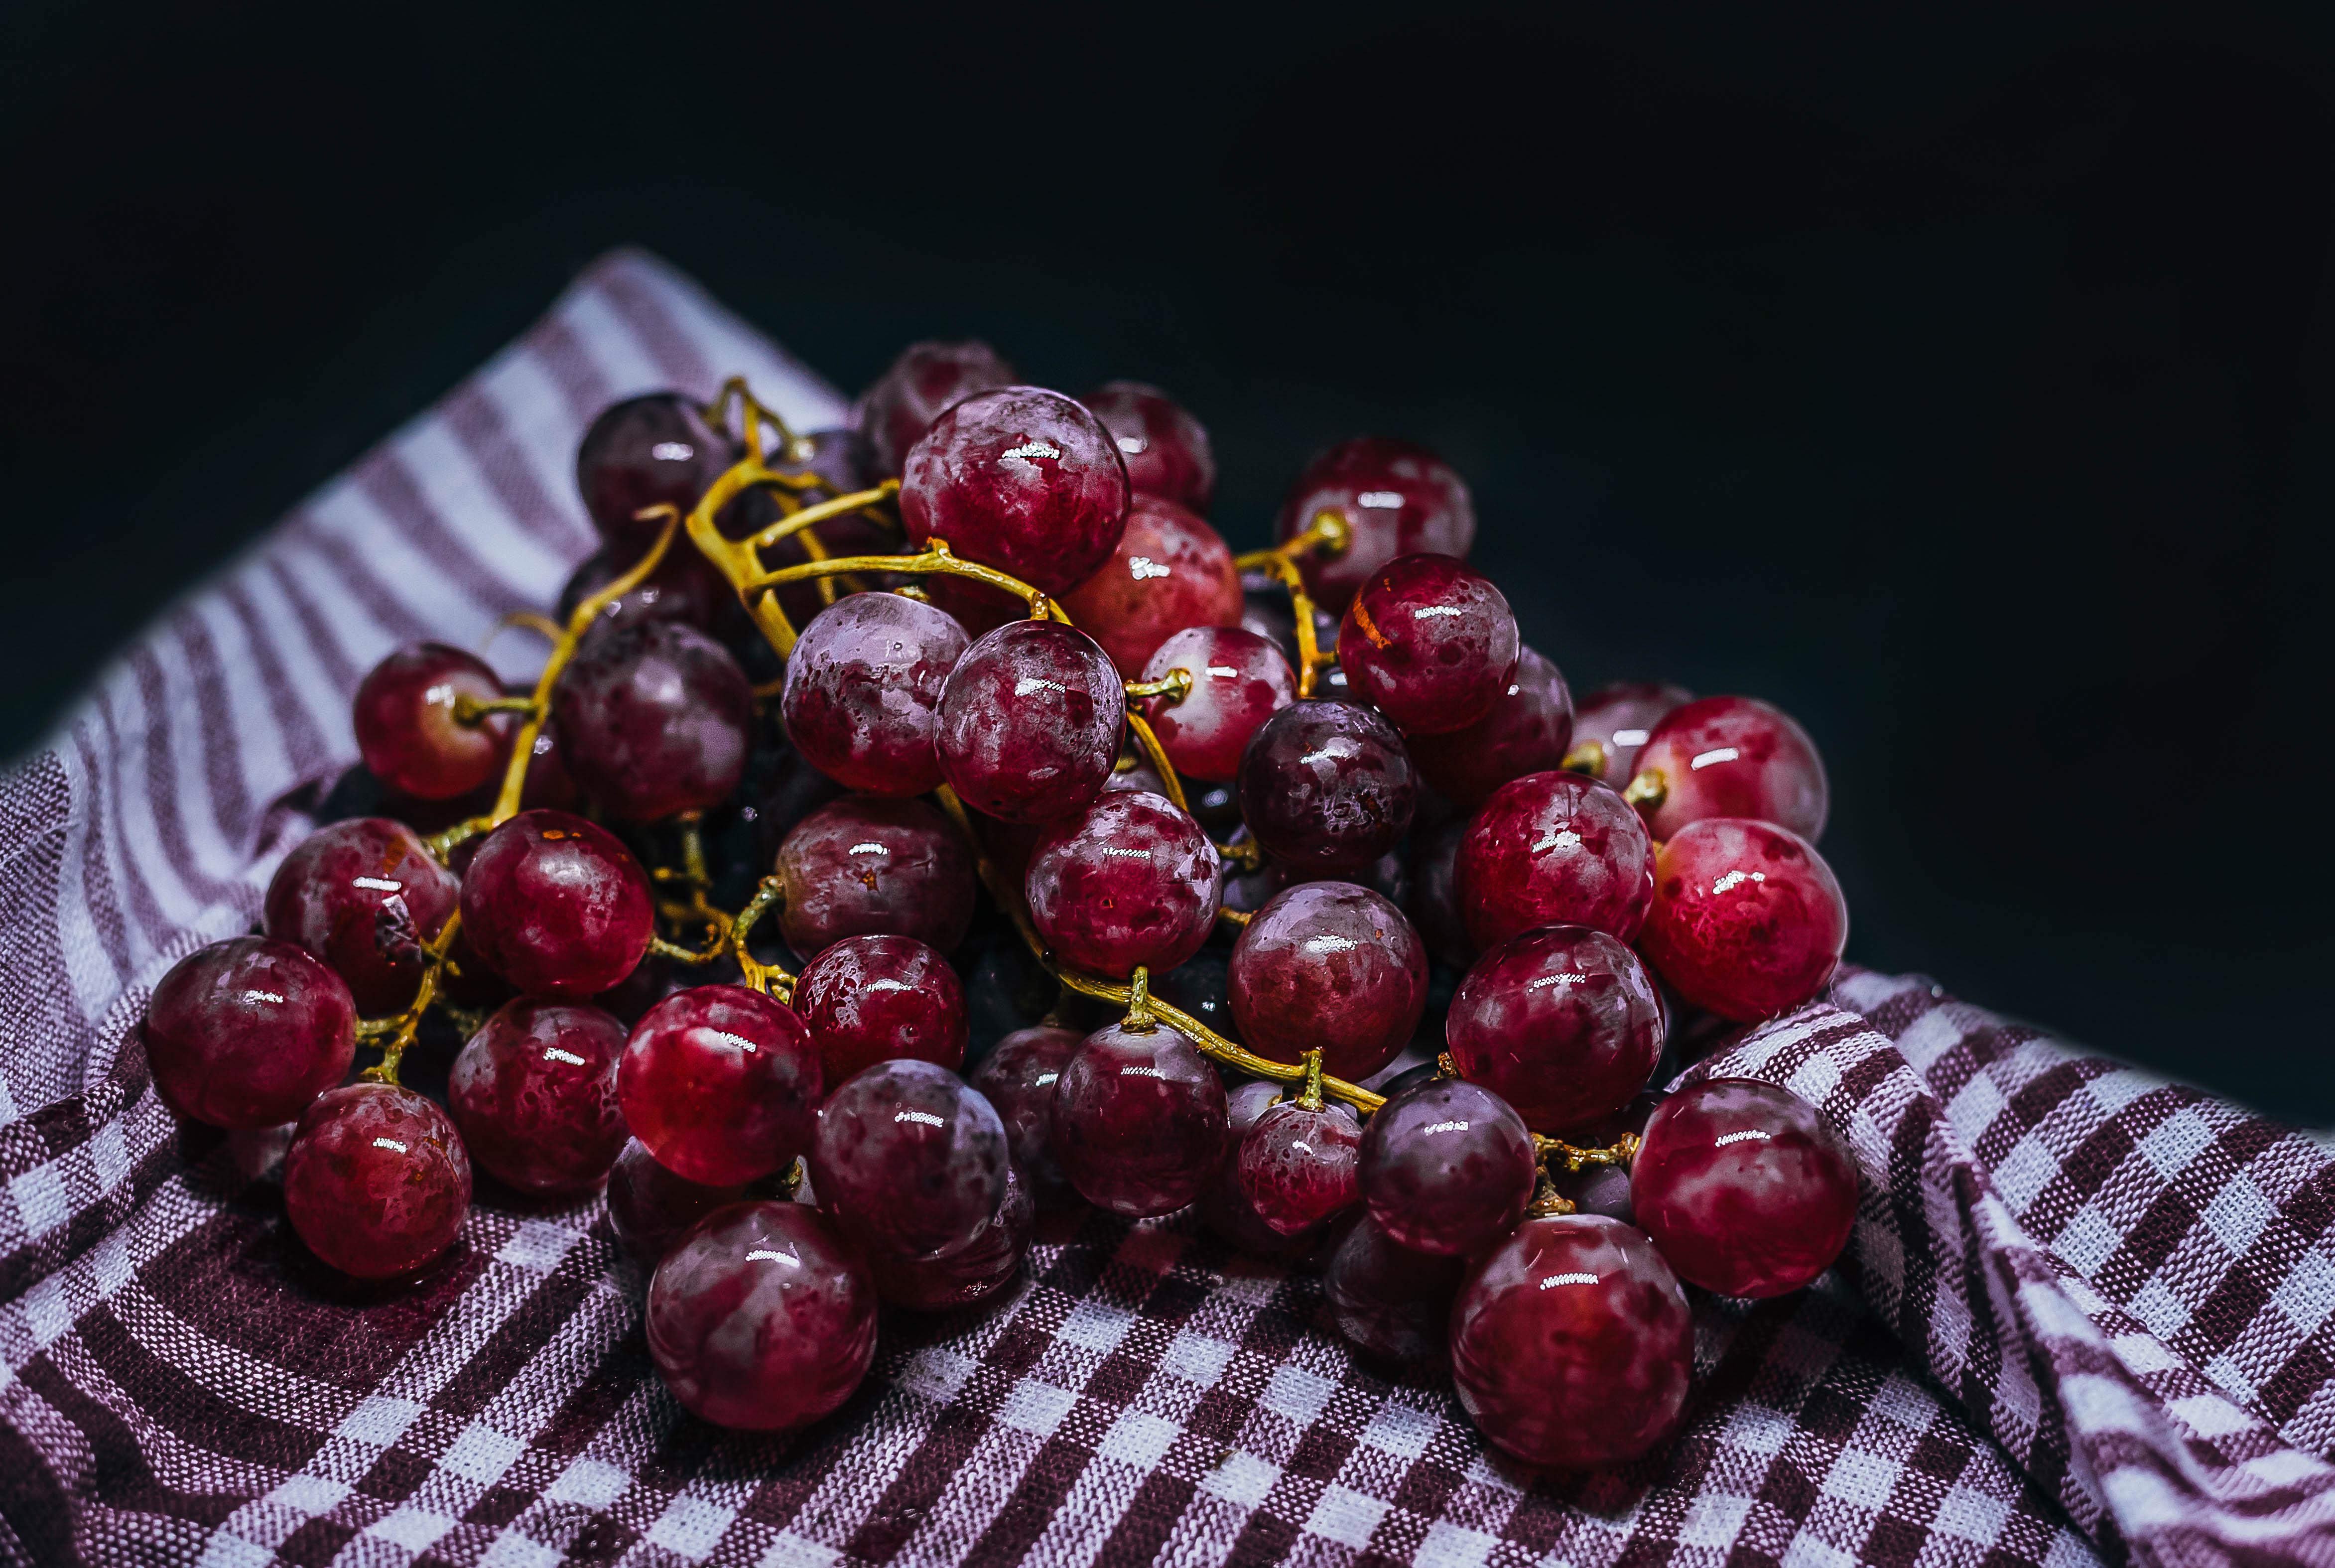 111143 скачать обои Виноград, Фрукты, Еда, Ягоды, Спелый, Гроздь - заставки и картинки бесплатно